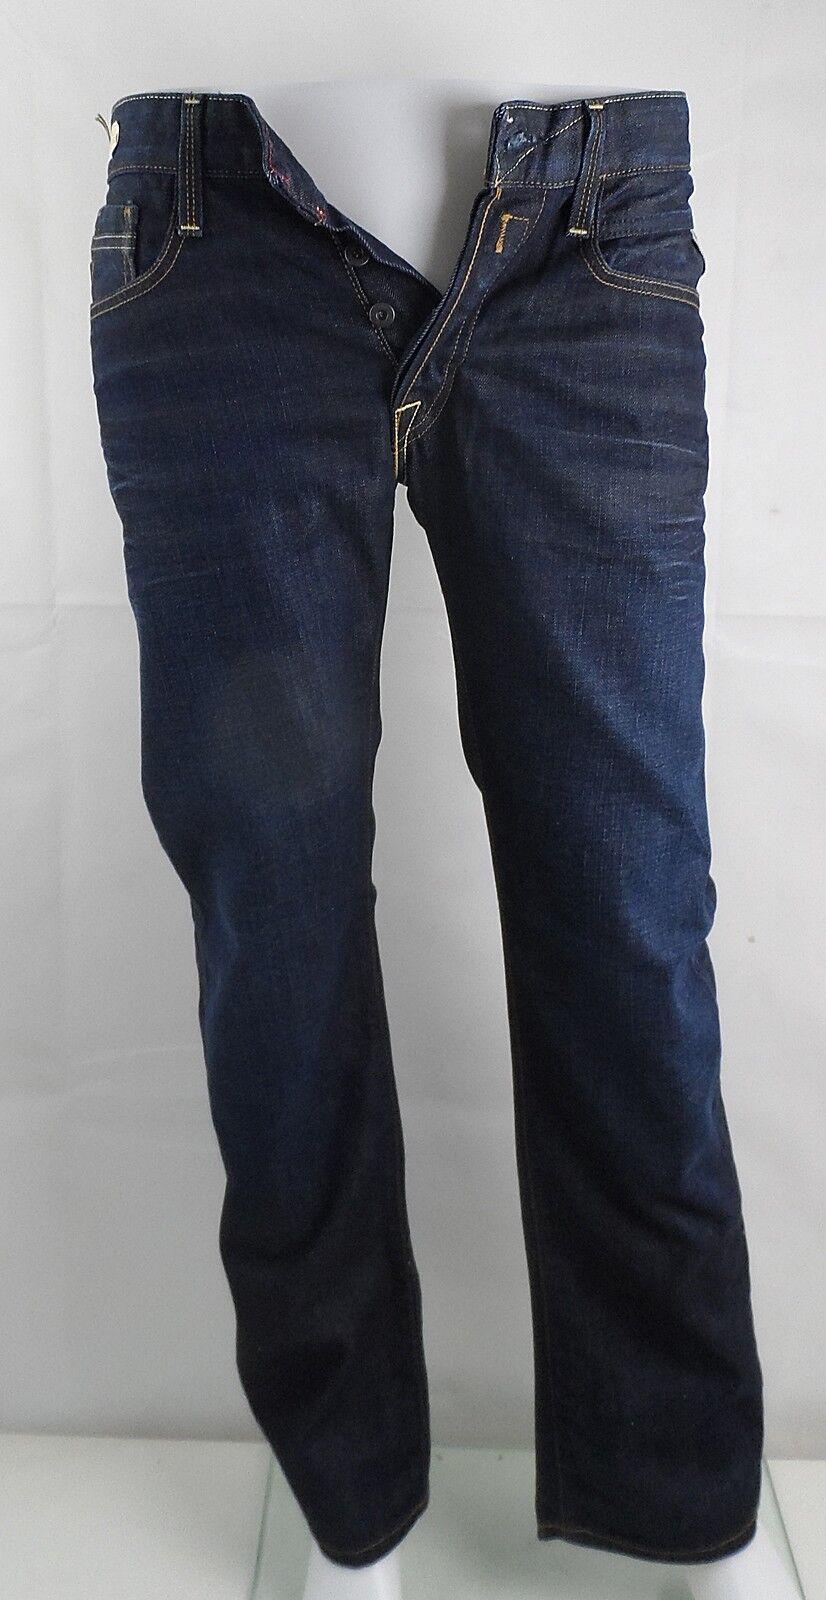 REPLAY Billstrong-Classic-NEU  149,00-EUR-Hier bei bei bei uns für 59,99 EUR   Louis, ausführlich    Qualität zuerst    Elegante Und Stabile Verpackung  1e667c